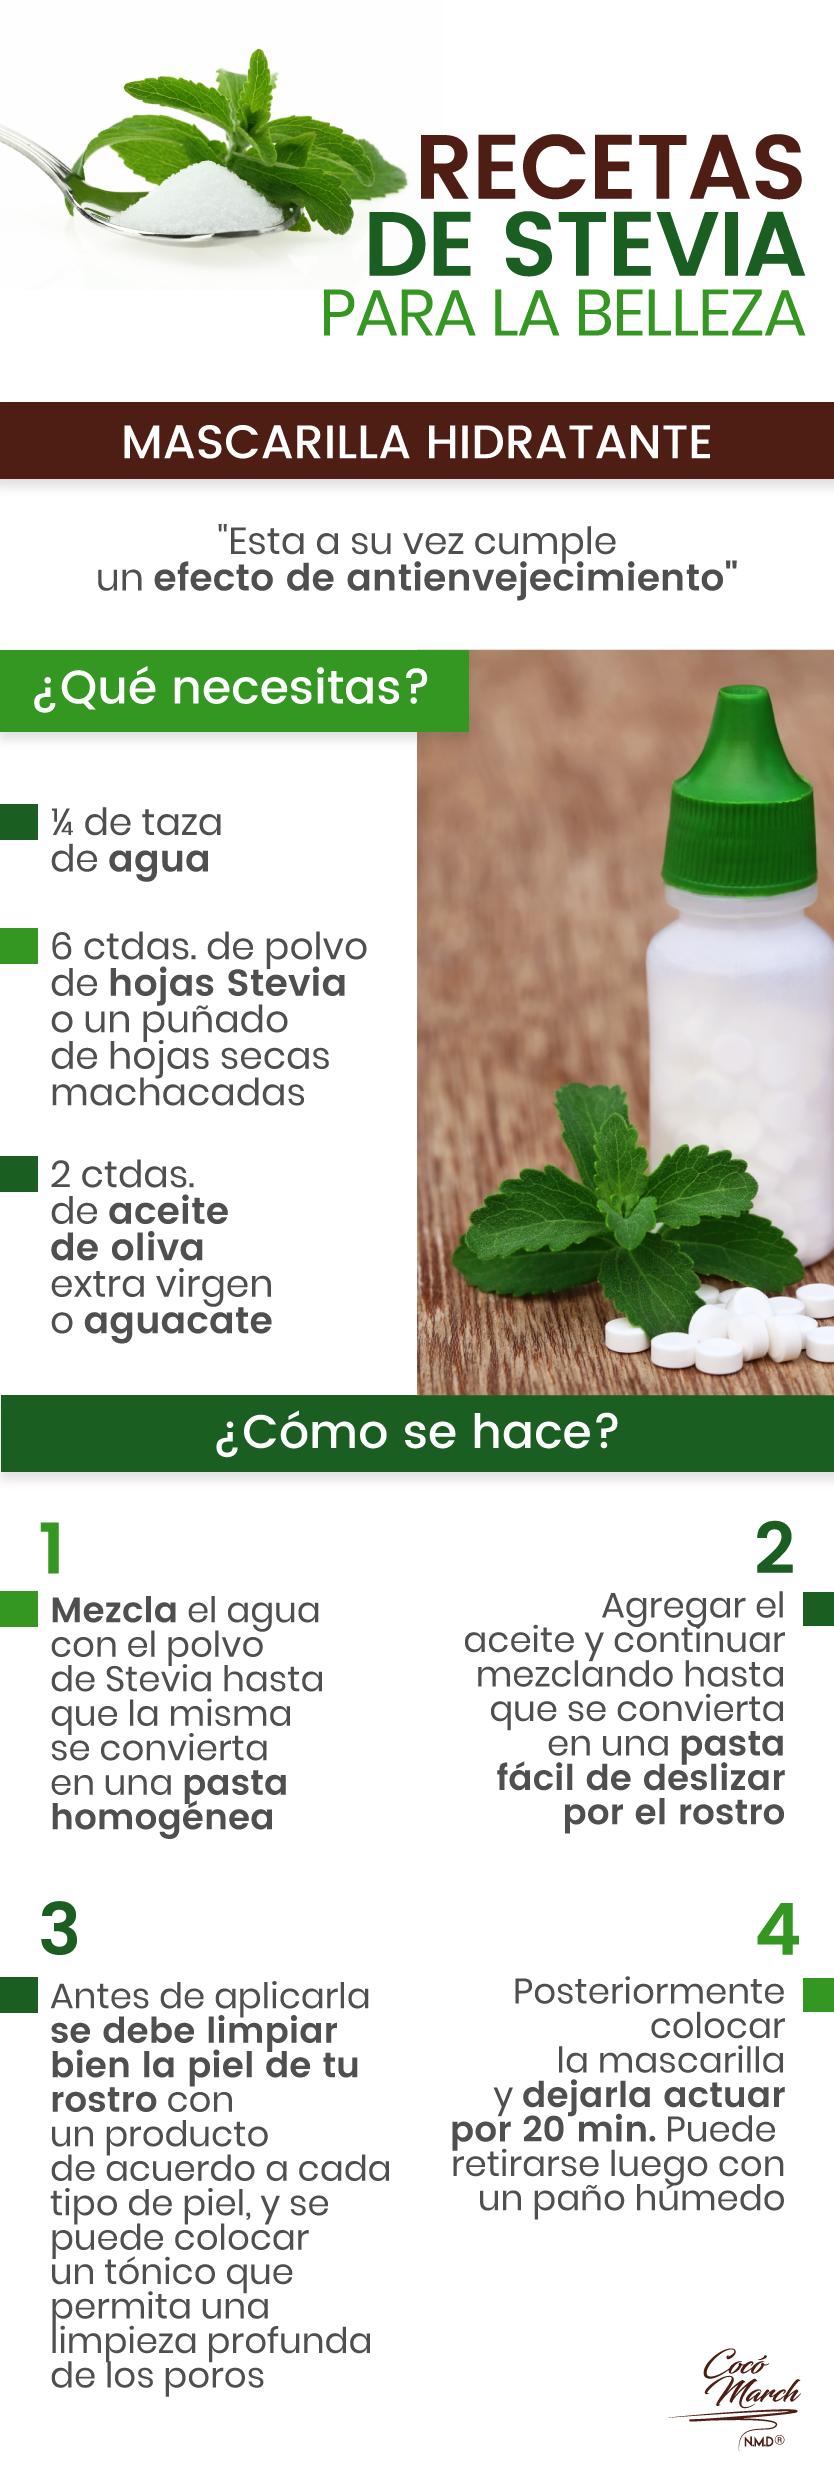 recetas-con-stevia-para-la-belleza